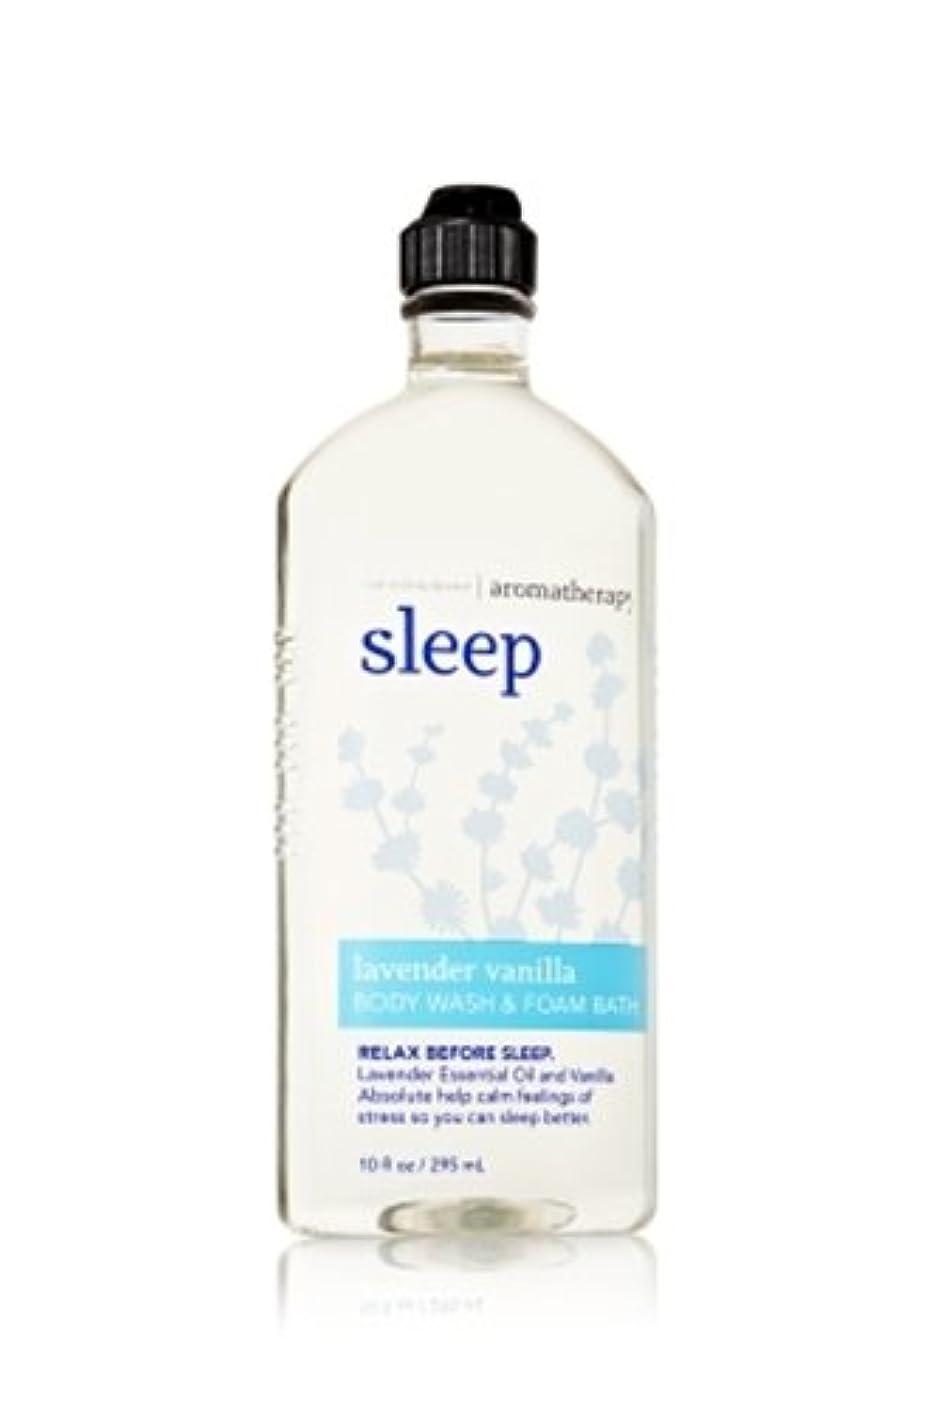 等壁キノコバス&ボディワークス アロマセラピー スリープ ラベンダーバニラ ボディウォッシュ&フォームバス Aromatherapy Sleep - Lavender Vanilla Body Wash & Foam Bath【並行輸入品】